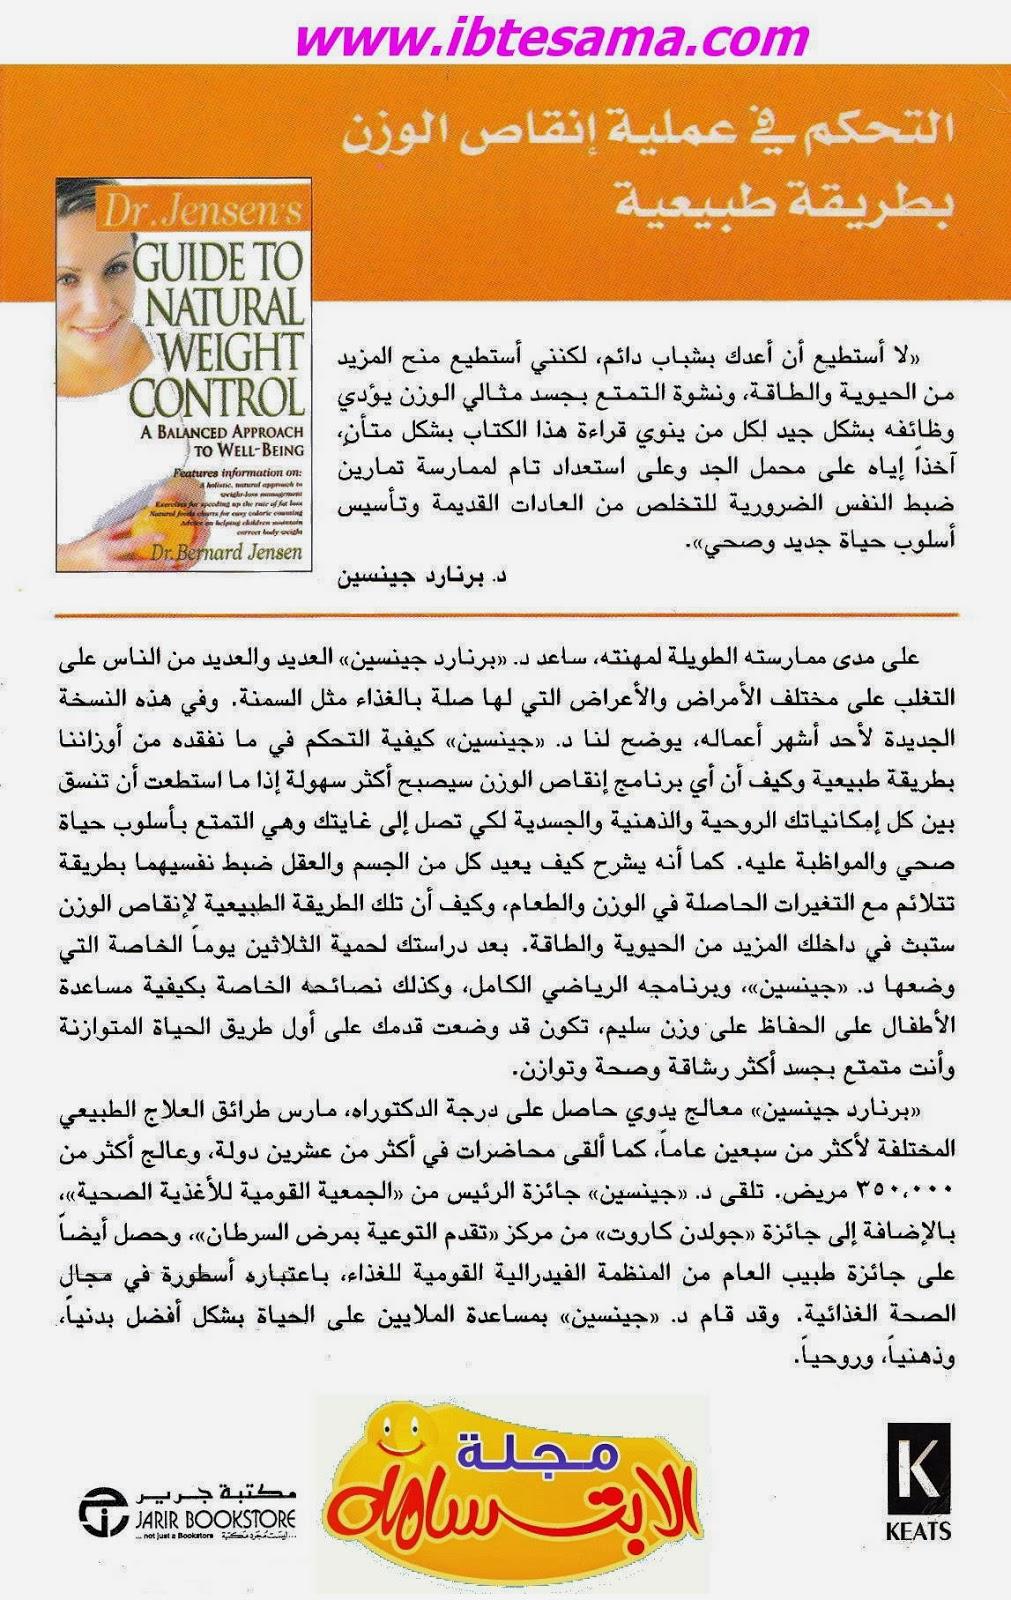 دليل دكتور جينسين للتحكم الطبيعي في الوزن - برنارد جينسين